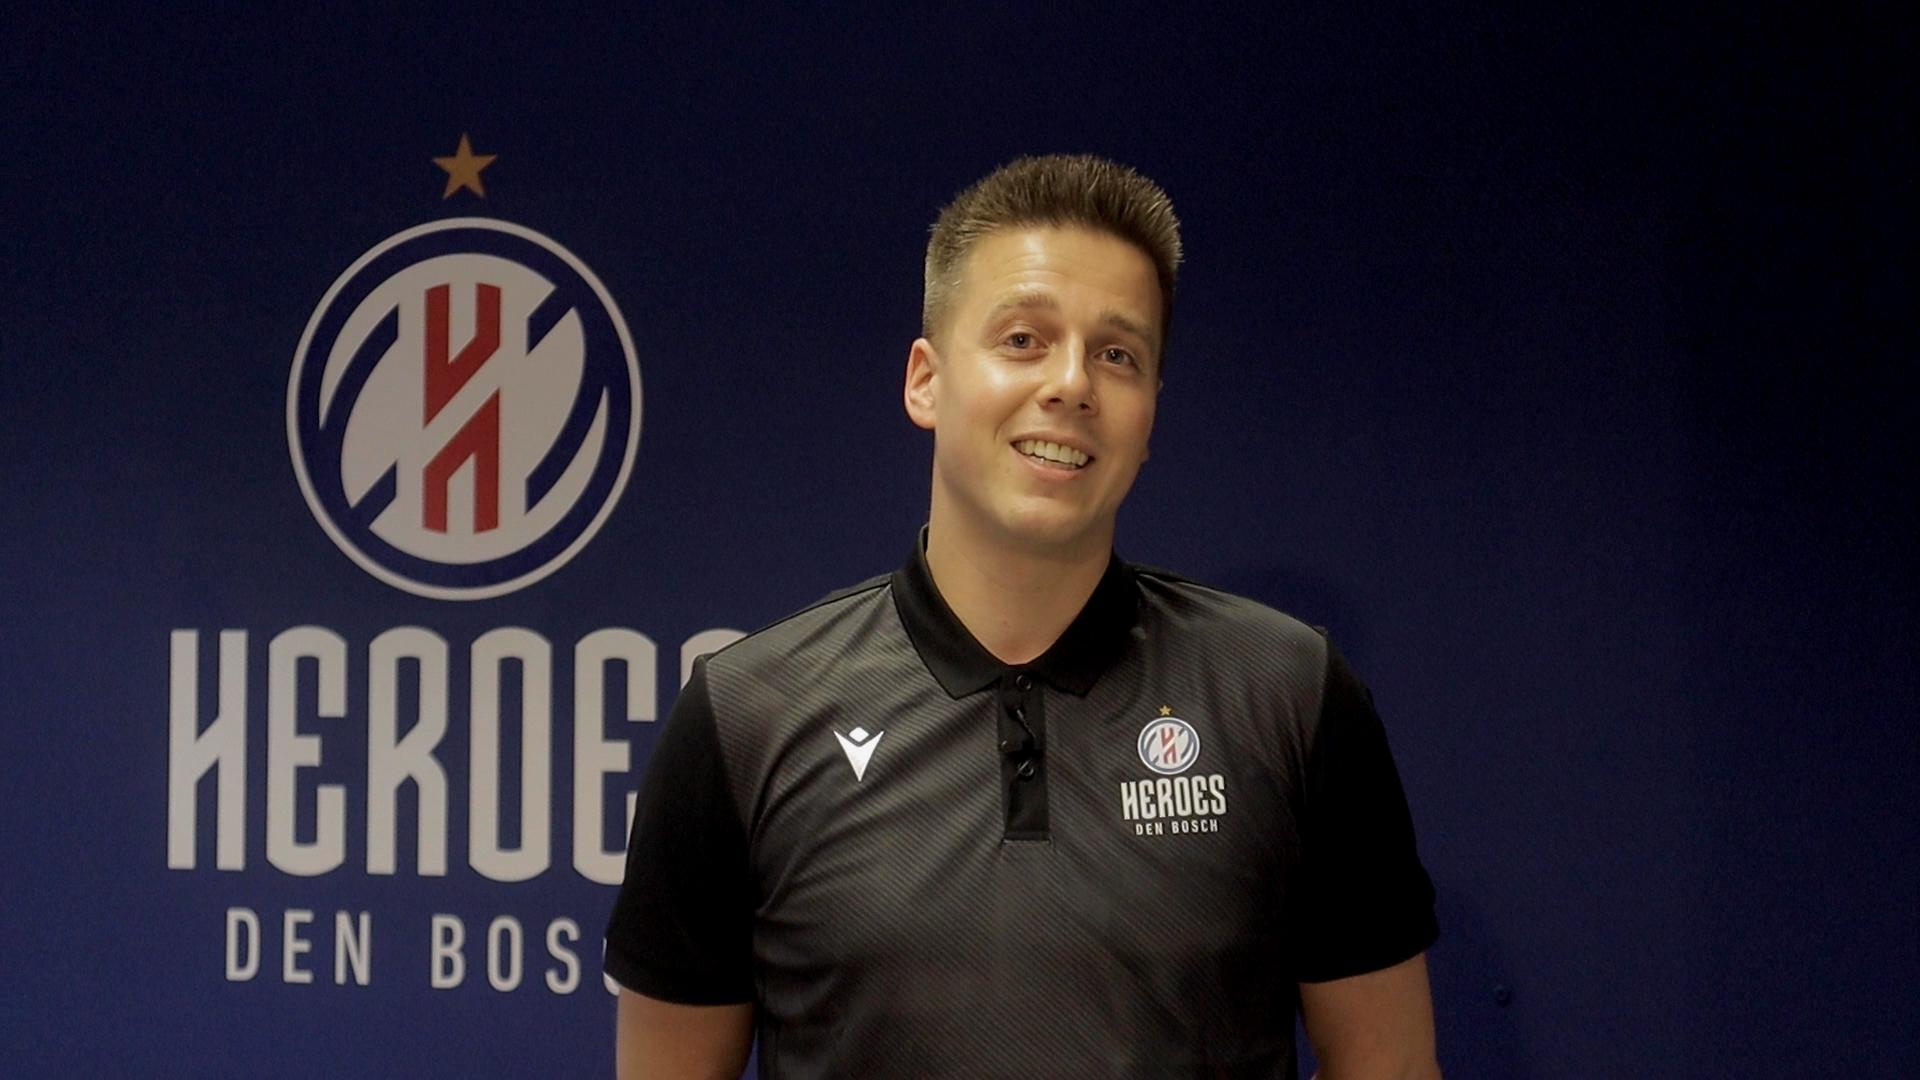 Mike de Kraker nieuwe assistent coach Heroes Den Bosch